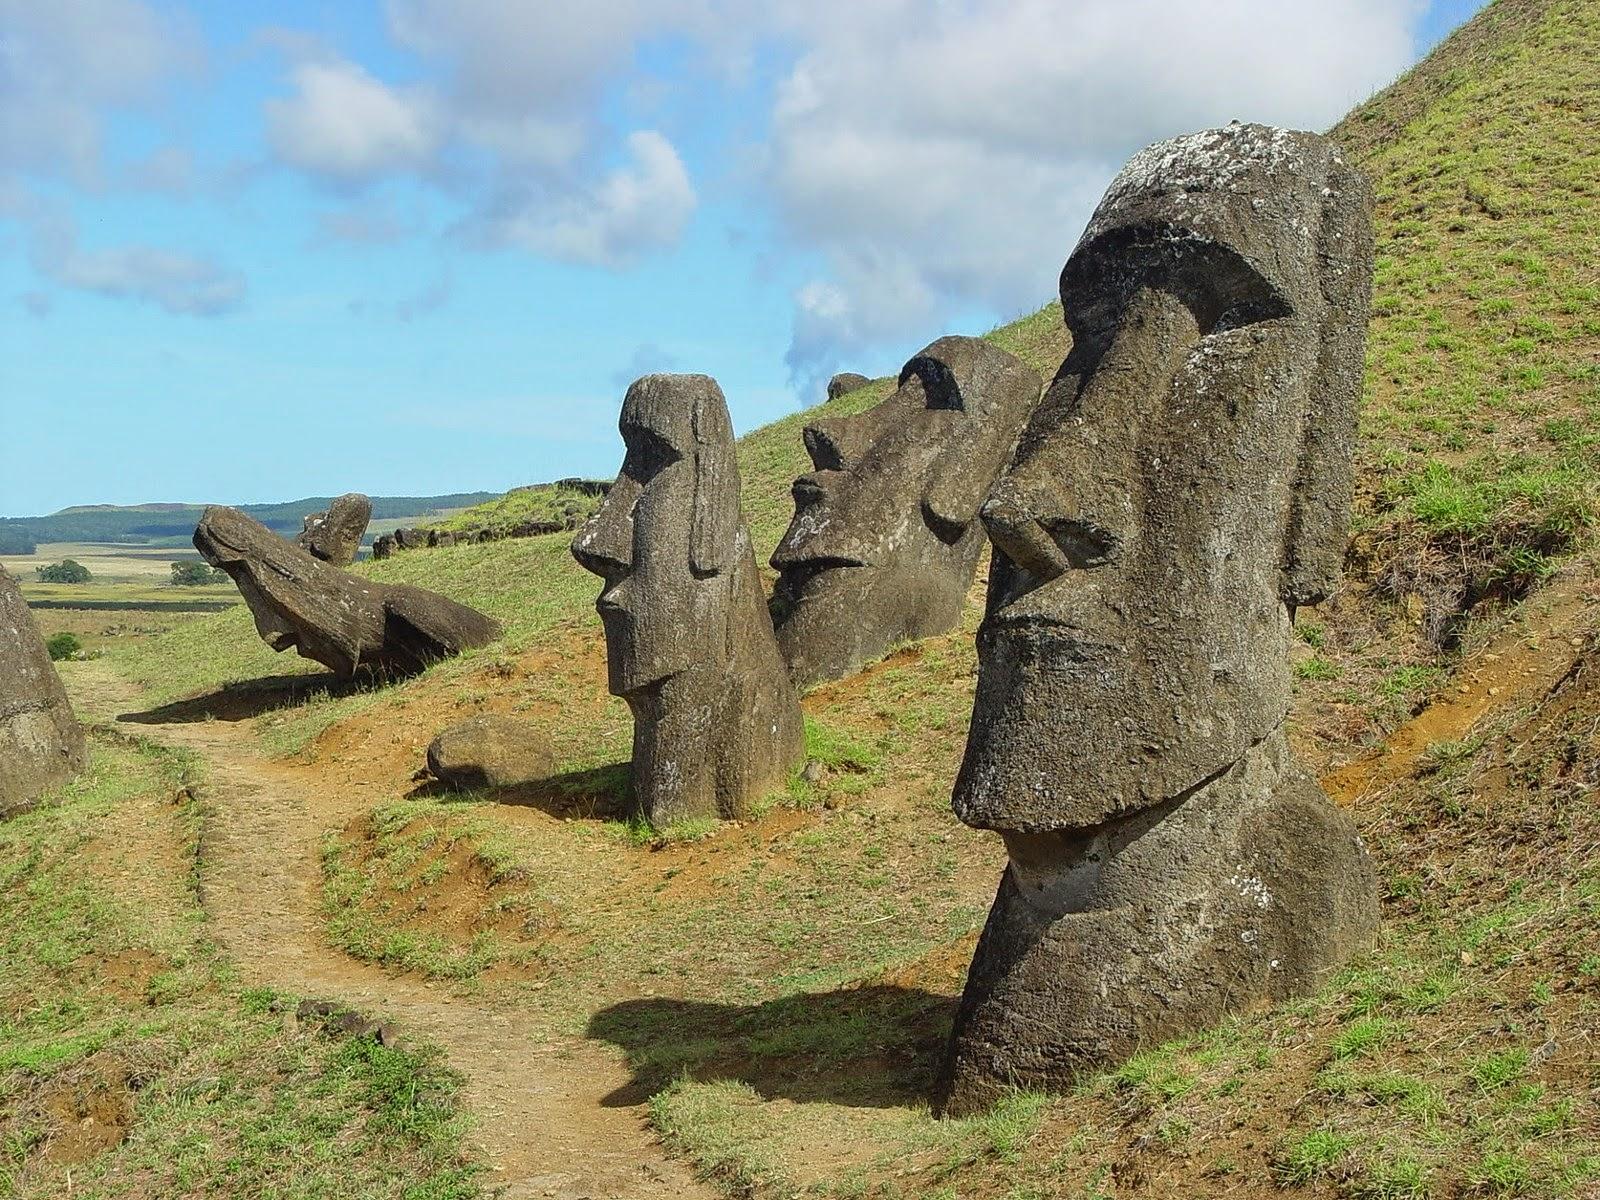 Những nền văn minh tiền sử làm con người hiện đại phải sửng sốt! (Ảnh 6)